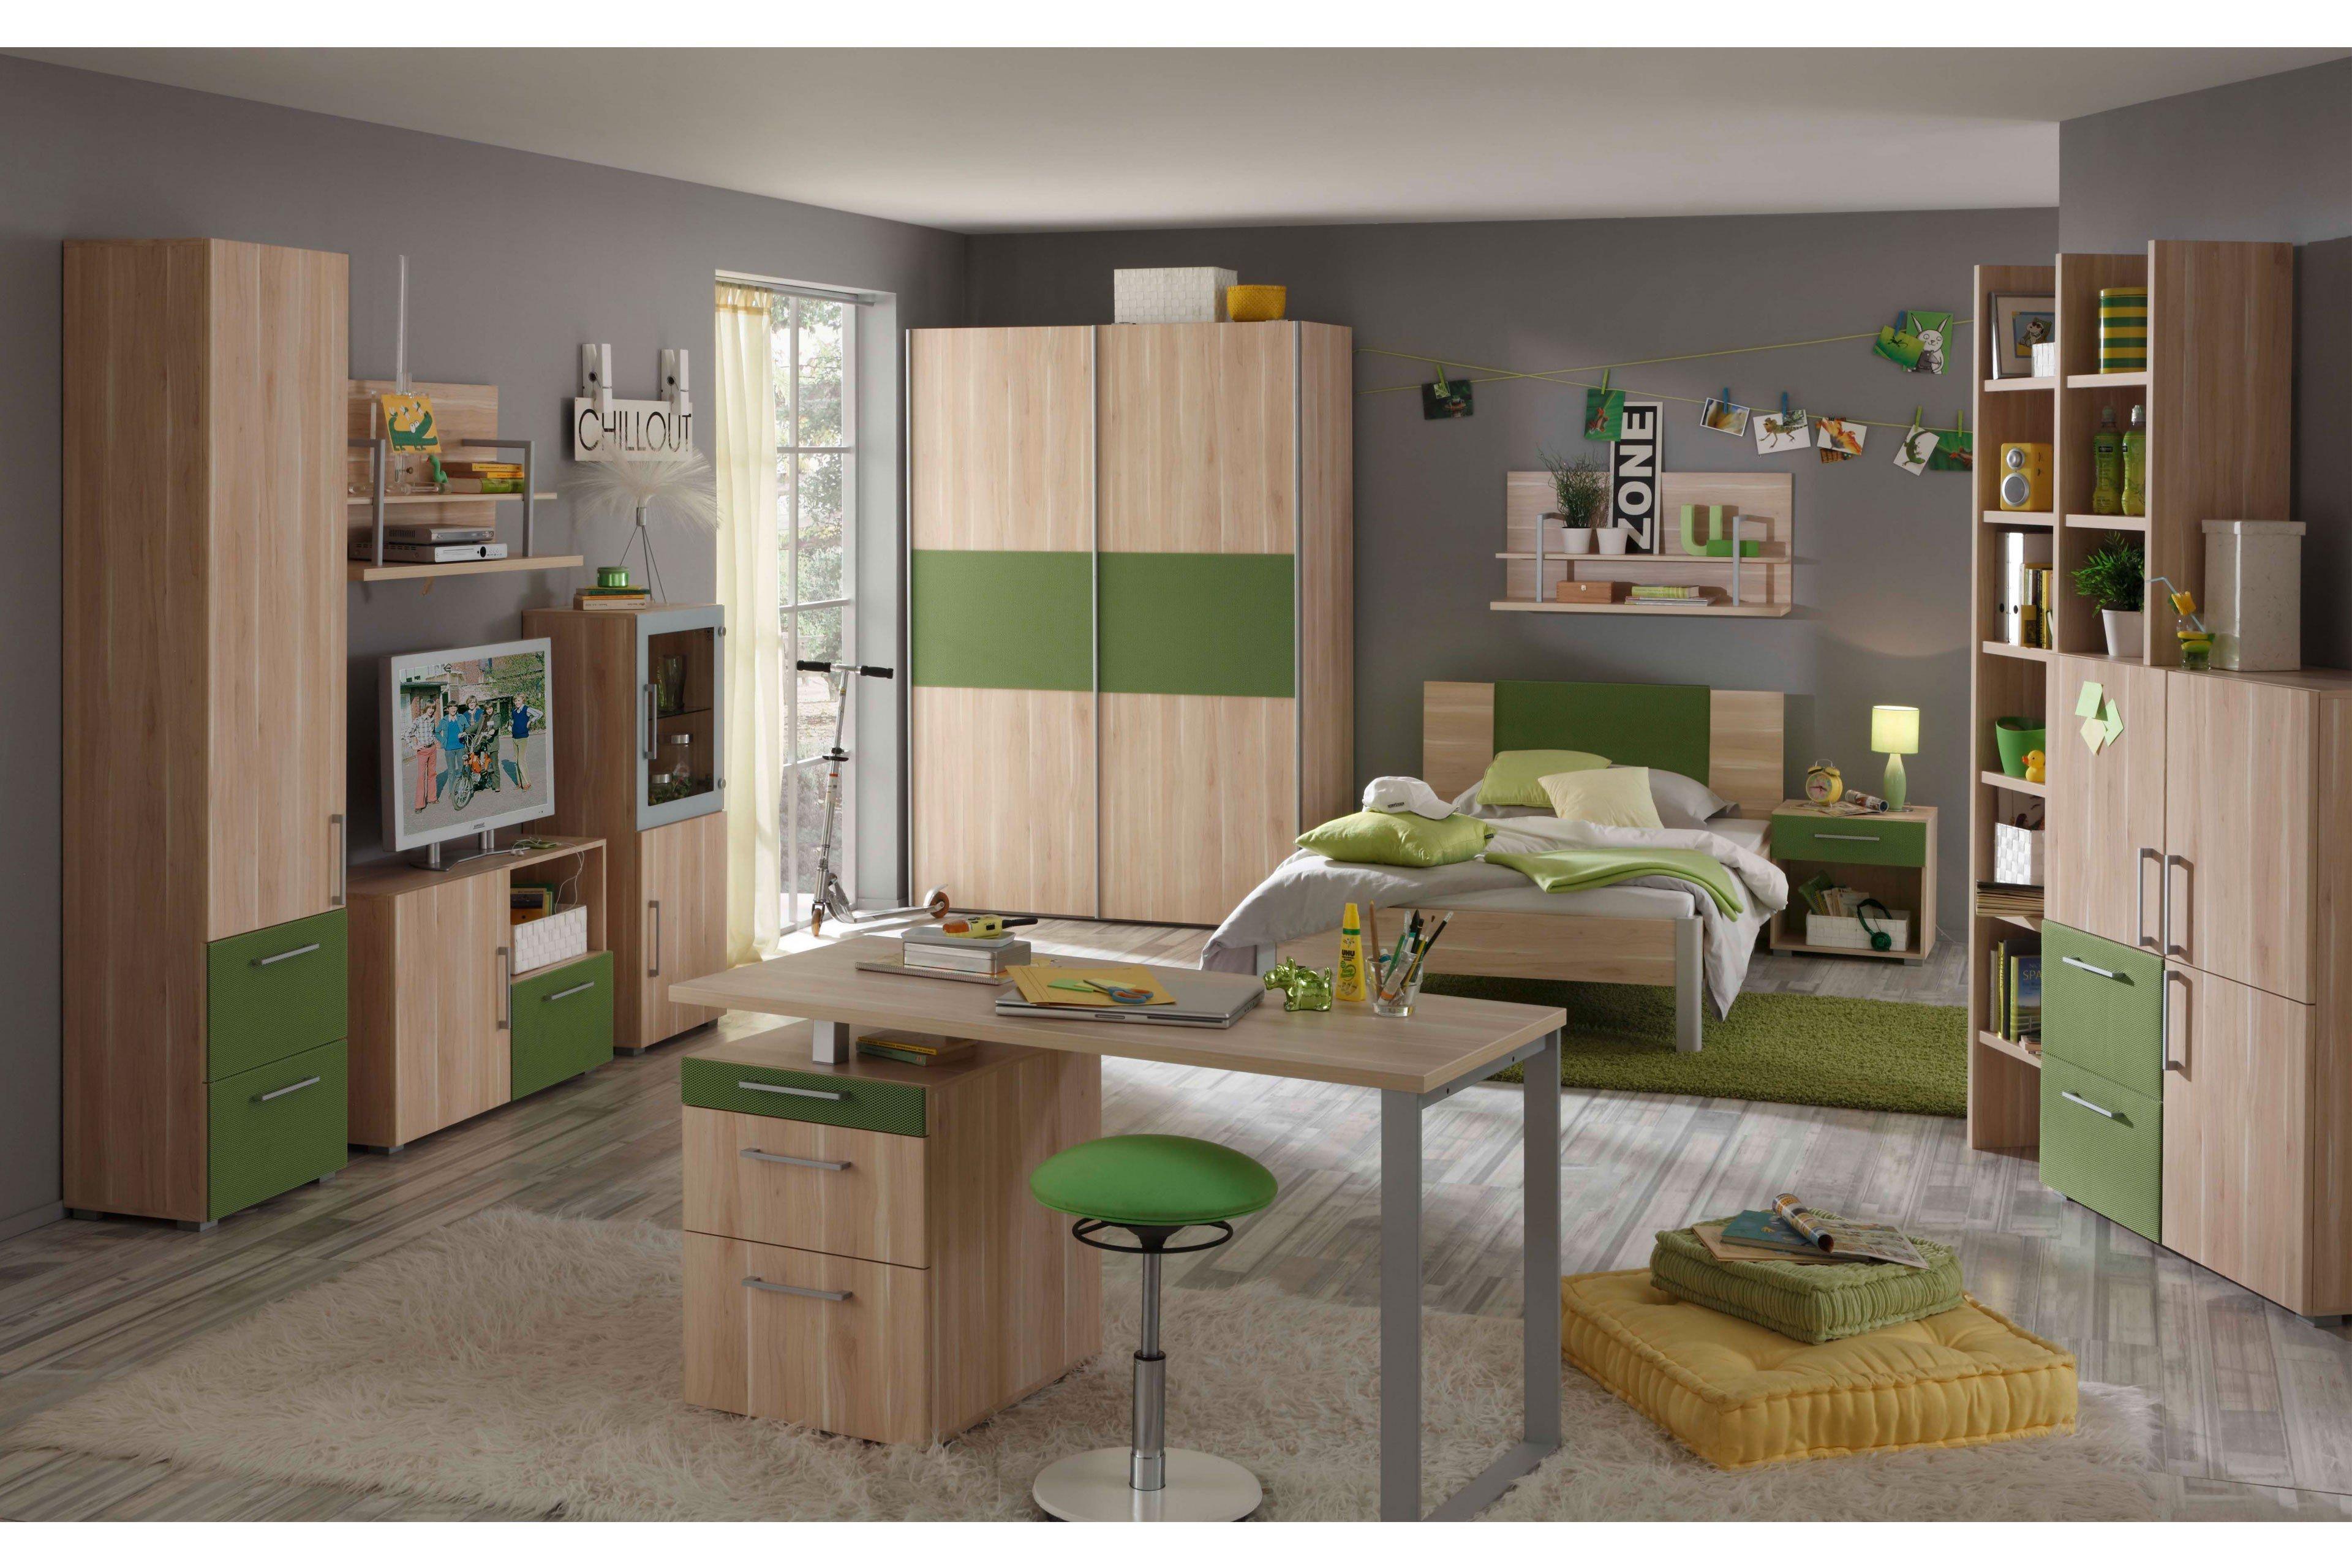 hochbett sunny amazing hochbett matthias mit schrgleiter x cm with hochbett sunny beautiful. Black Bedroom Furniture Sets. Home Design Ideas